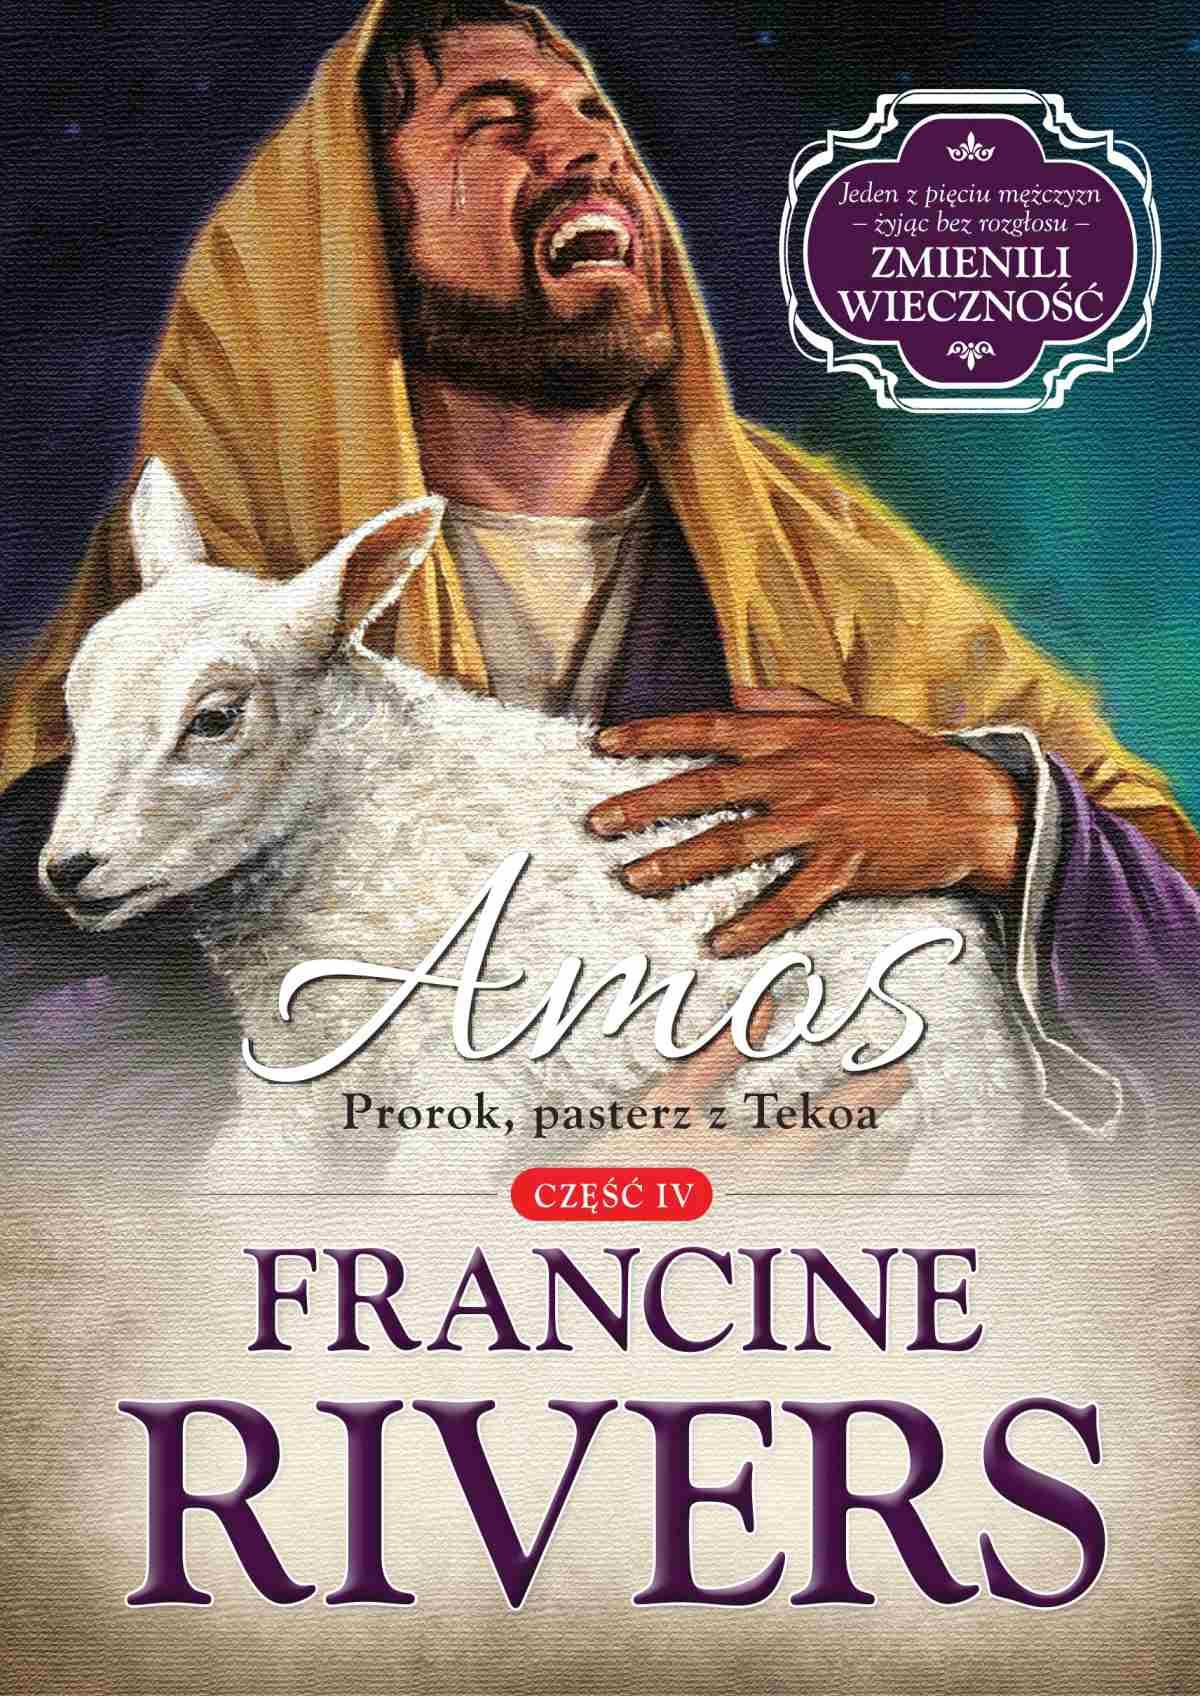 Amos. Prorok, pasterz z Tekoa - Ebook (Książka EPUB) do pobrania w formacie EPUB